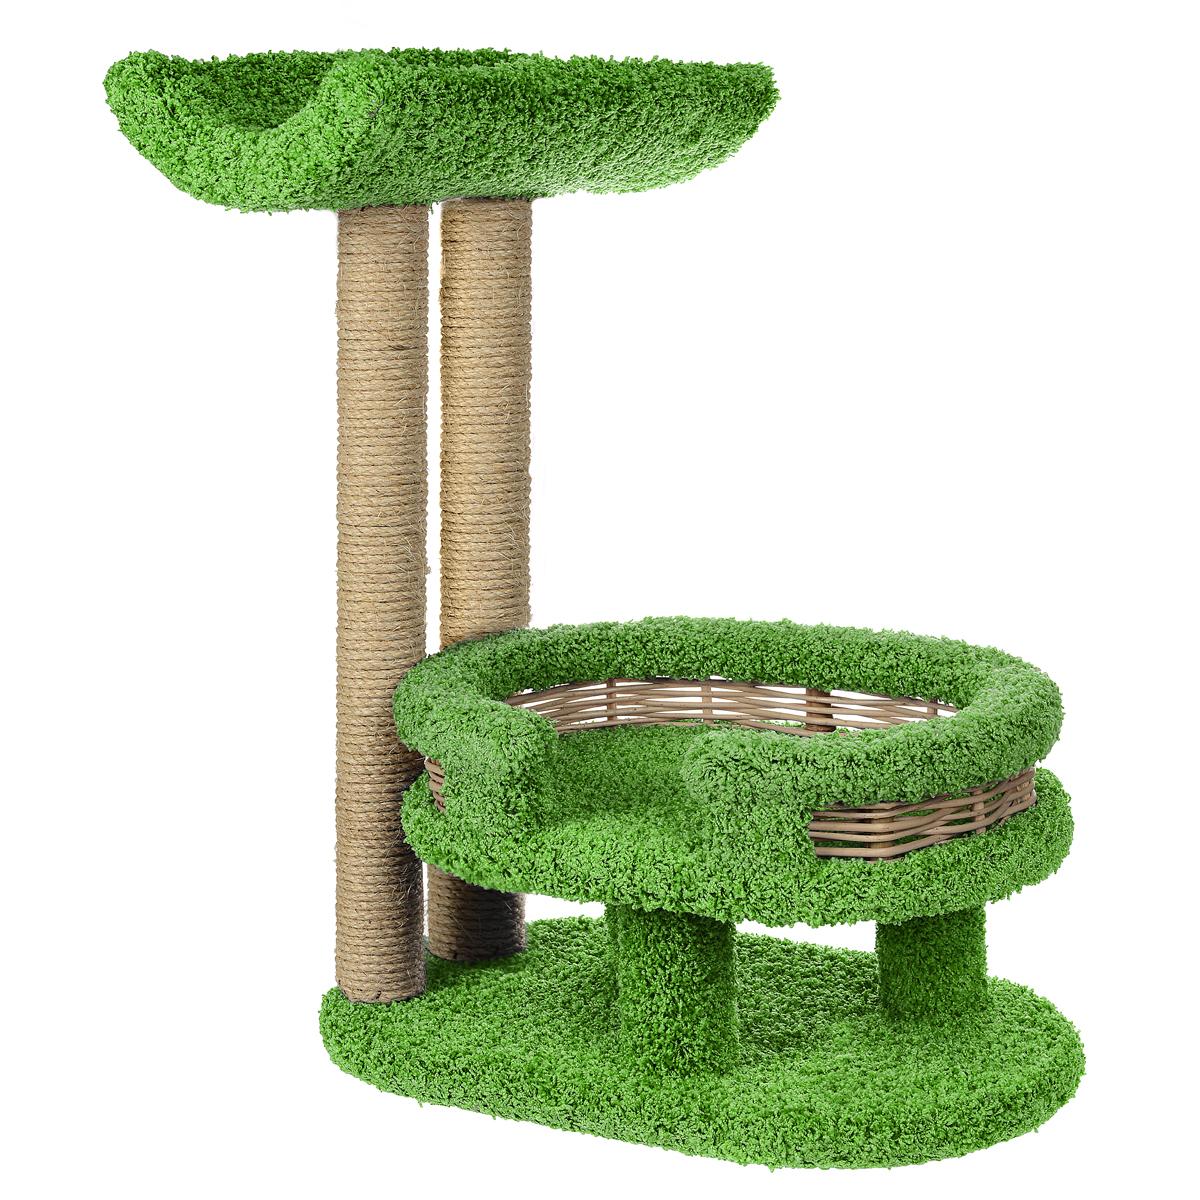 Когтеточка Лежанка с седлом, цвет: зеленый, 45 см х 60 см х 80 смП300445Когтеточка Лежанка с седлом отлично подойдет для котят и взрослых кошек средних размеров. Когтеточка станет не только идеальным местом для подвижных игр вашего любимца, но и местом для отдыха. Благодаря столбикам - когтеточкам, обернутым веревками из сизаля, ваша кошка удовлетворит природную потребность точить когти, что поможет сохранить вашу мебель и ковры. Для приучения любимца к когтеточке можно натереть ее сухой валерьянкой или кошачьей мятой. Оригинальный дизайнлежанки с плетеными бортиками позволит гармонично вписаться когтеточке в интерьер вашей квартиры.